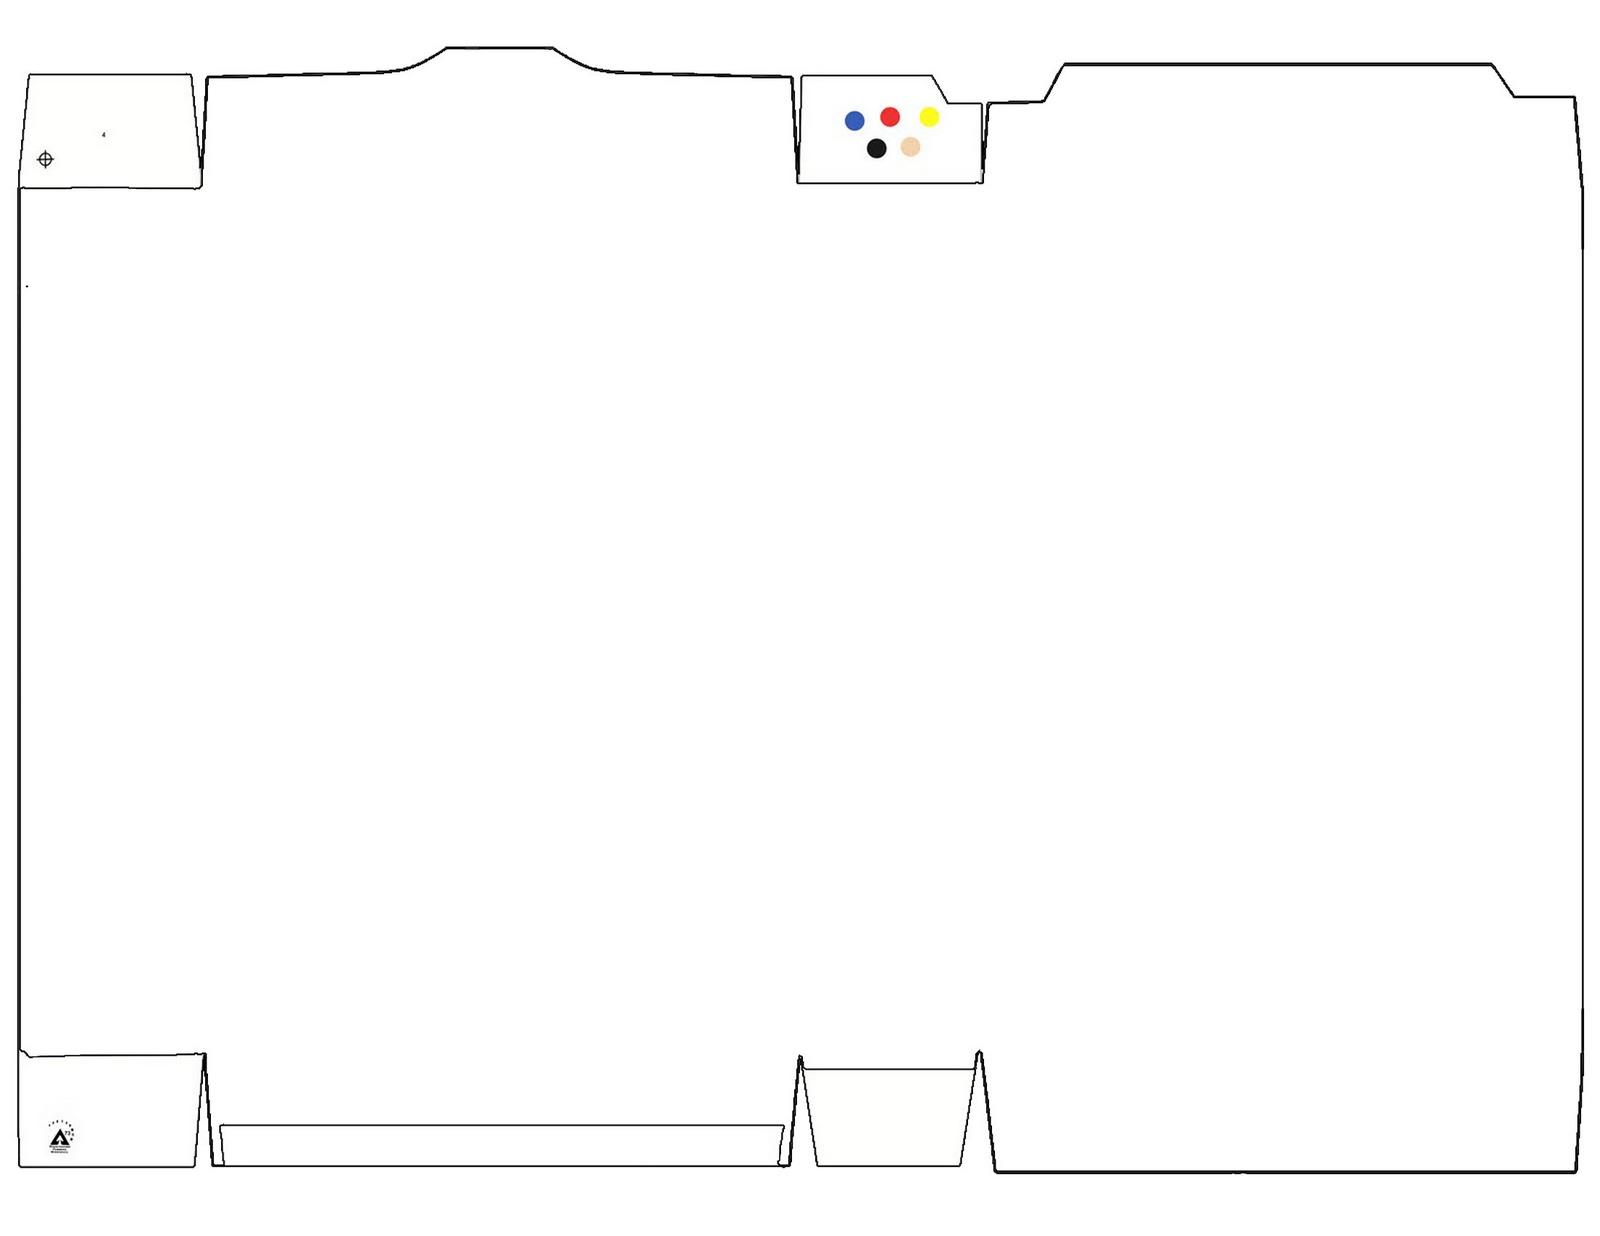 cereal box template illustrator. Black Bedroom Furniture Sets. Home Design Ideas